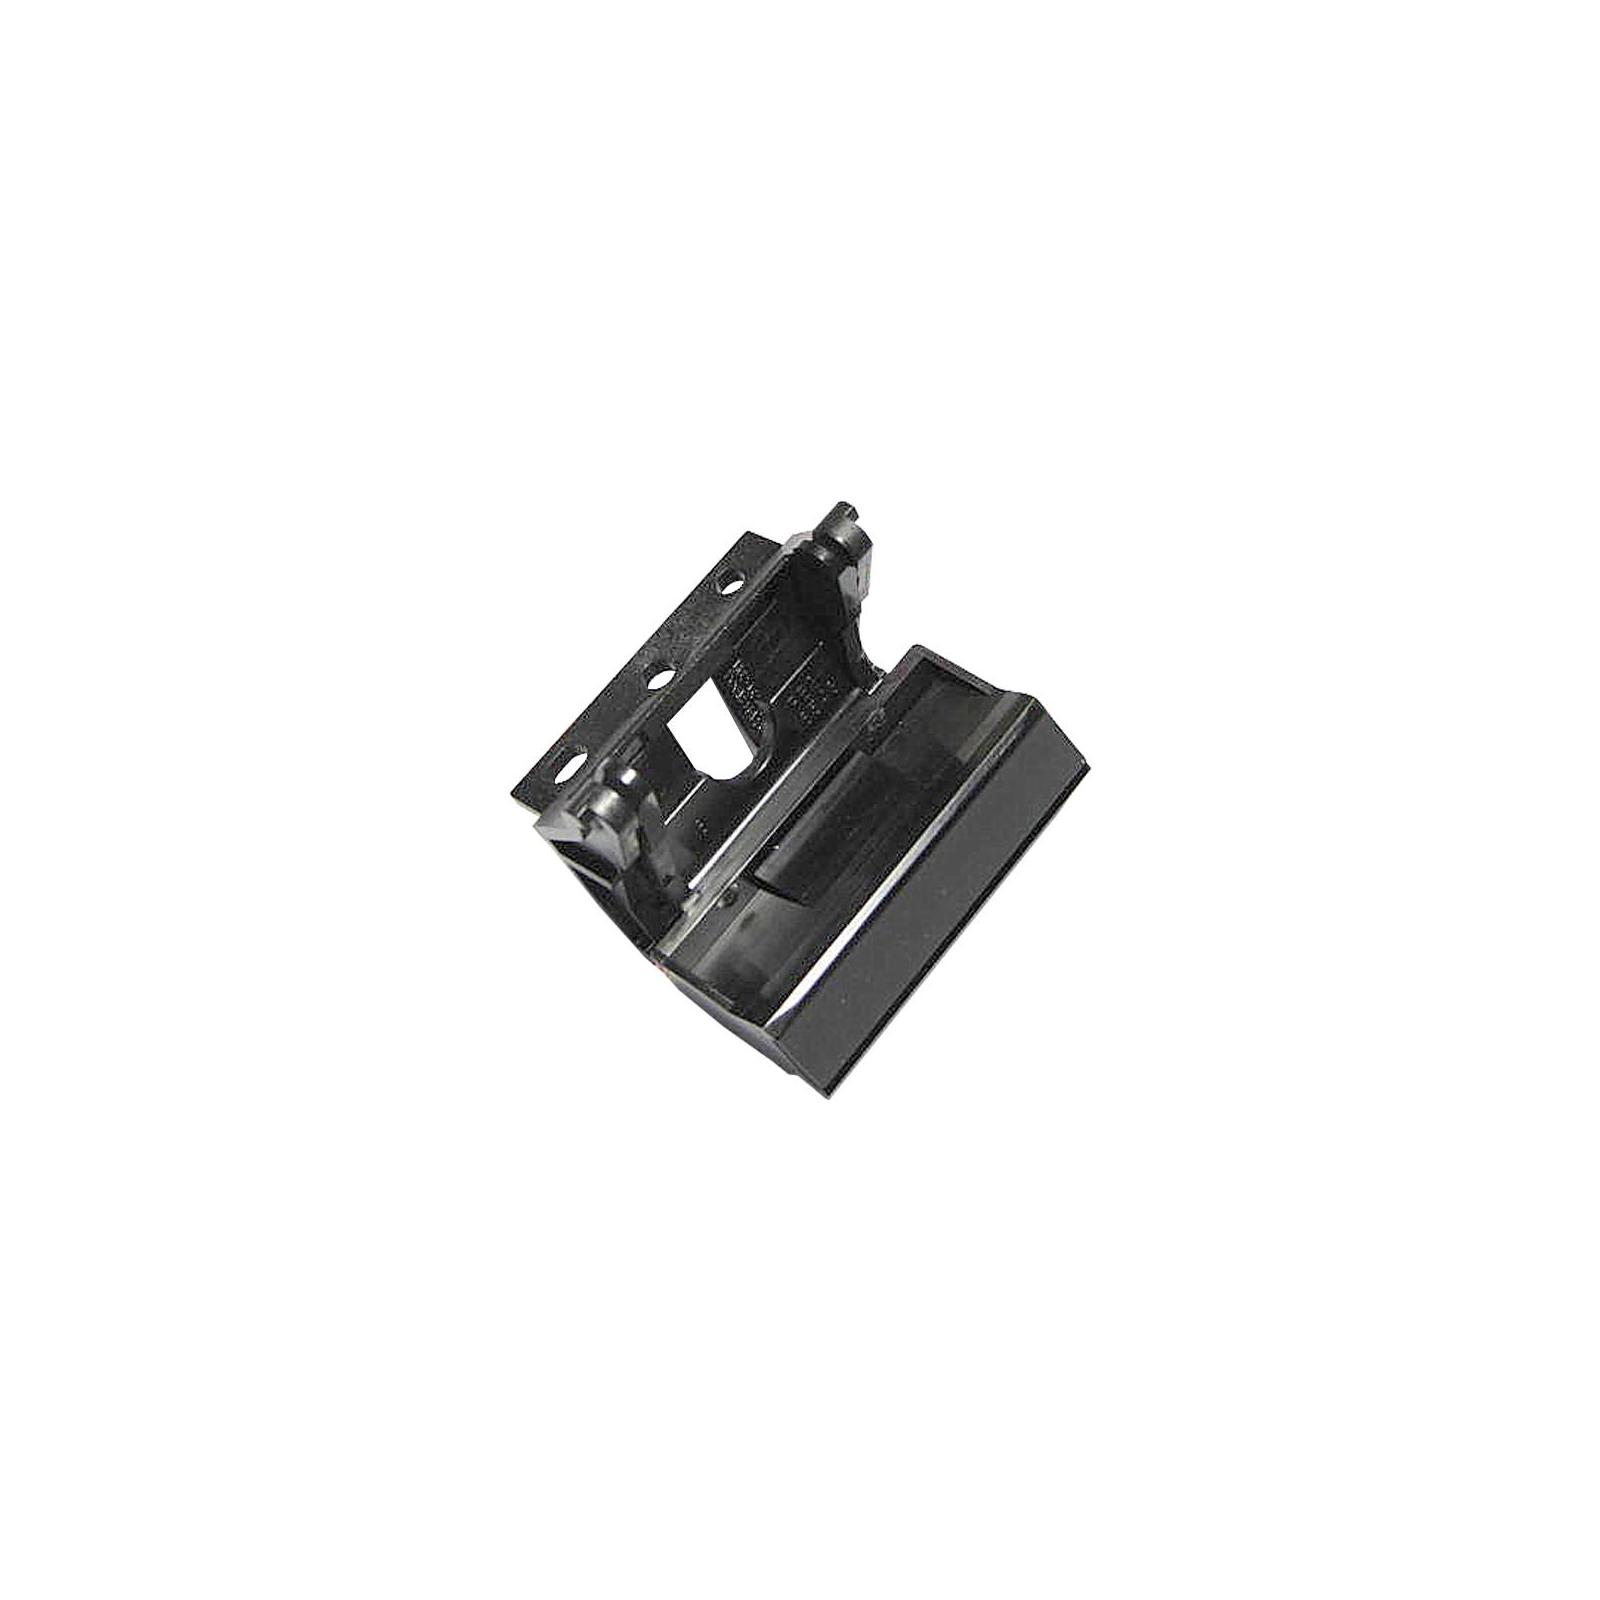 Тормозная площадка HP LJ 2200 TRAY 1 Foshan-Yat-Sing (RF5-3272-Foshan)